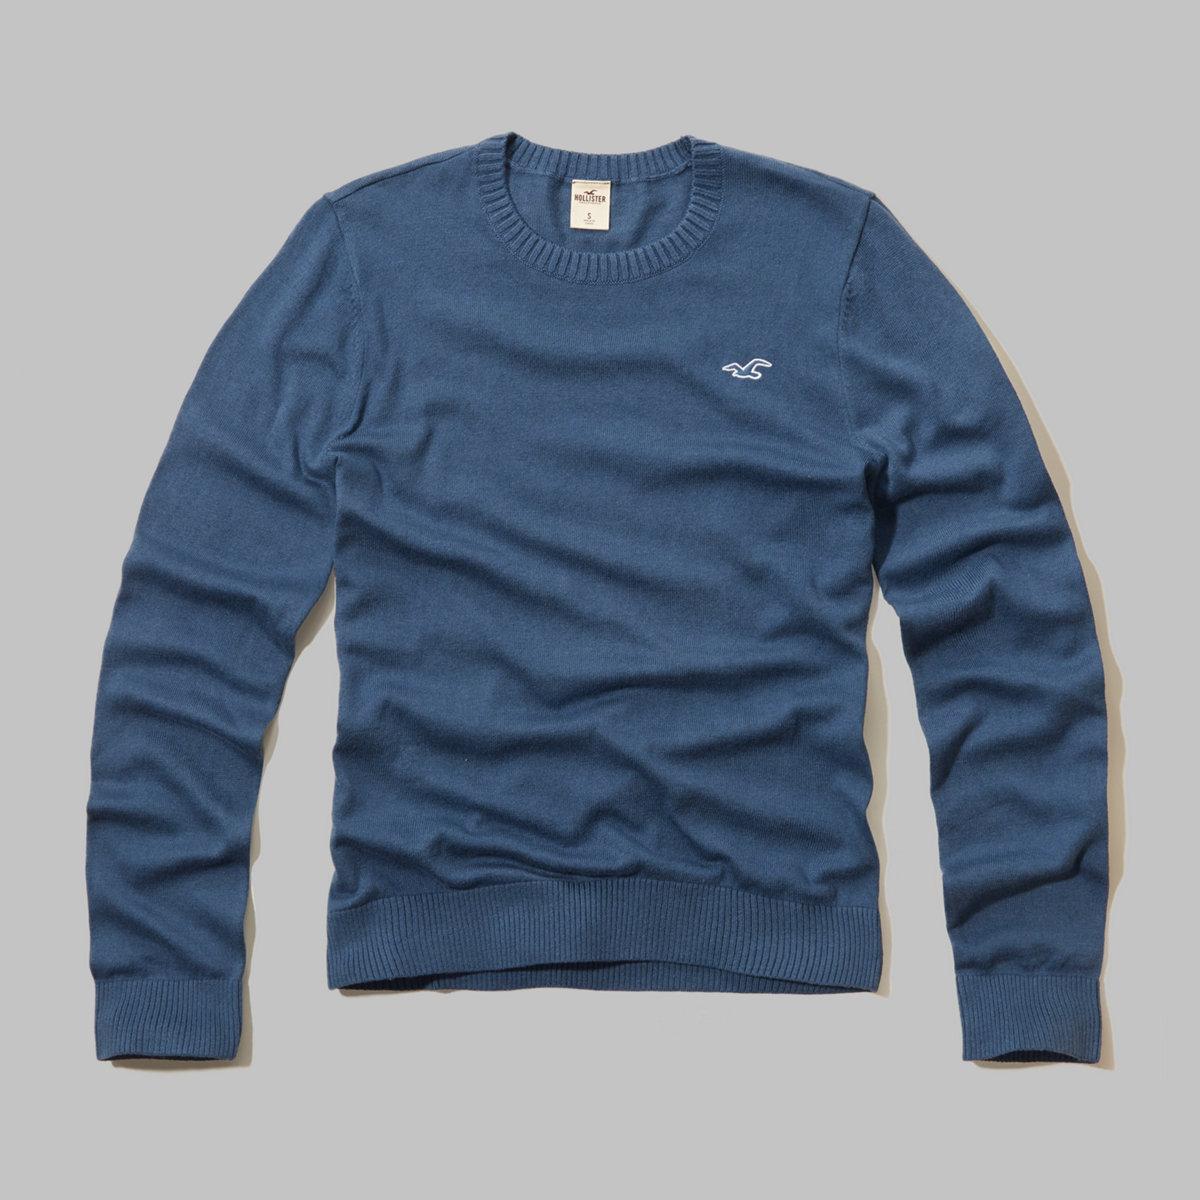 Grandview Sweater